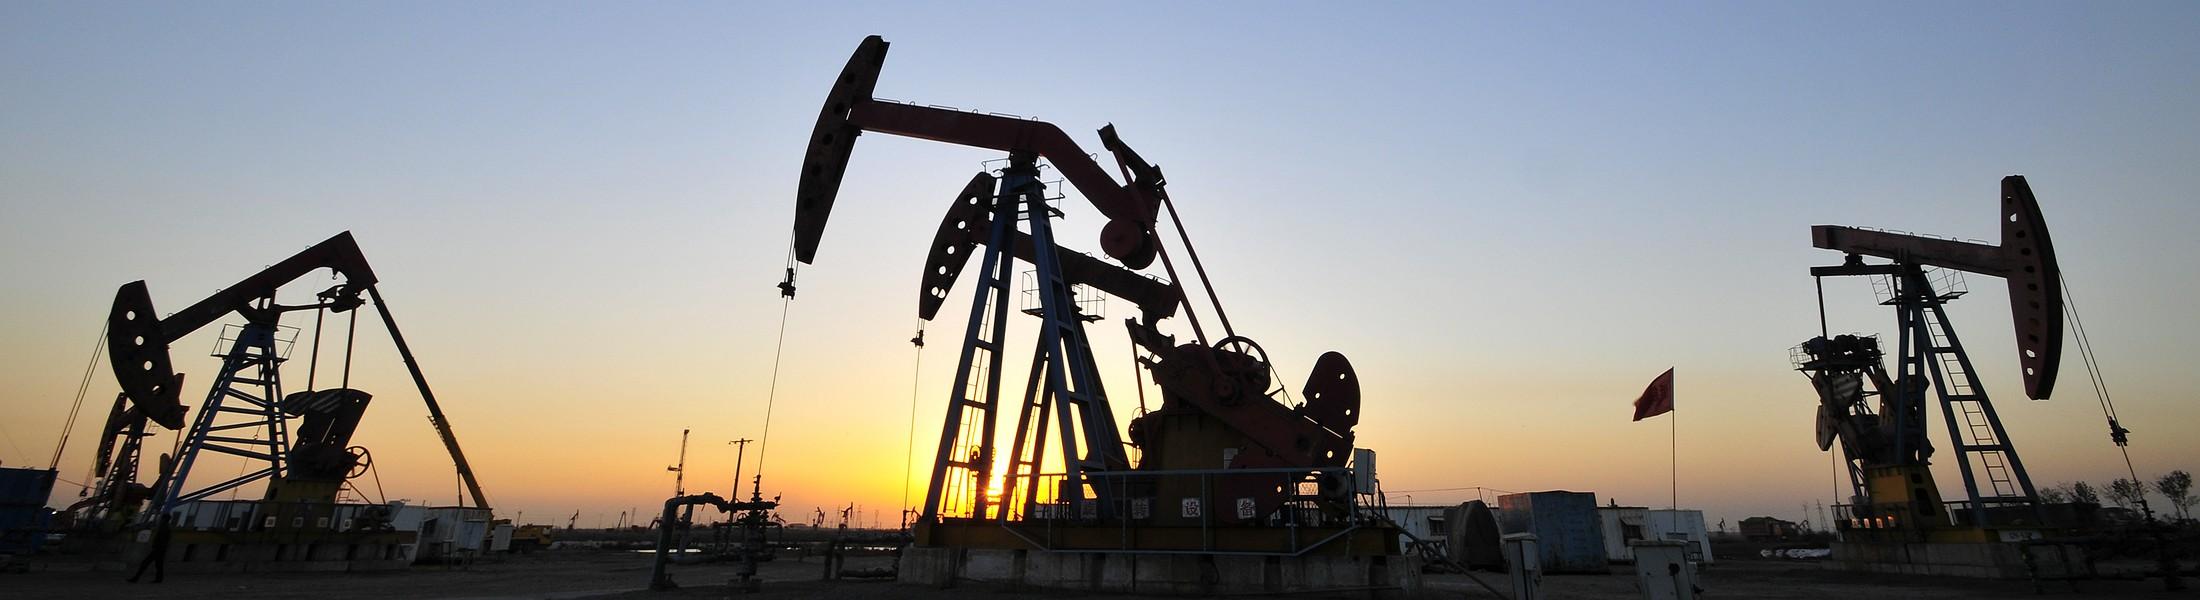 Сланцевый потолок для цен на нефть